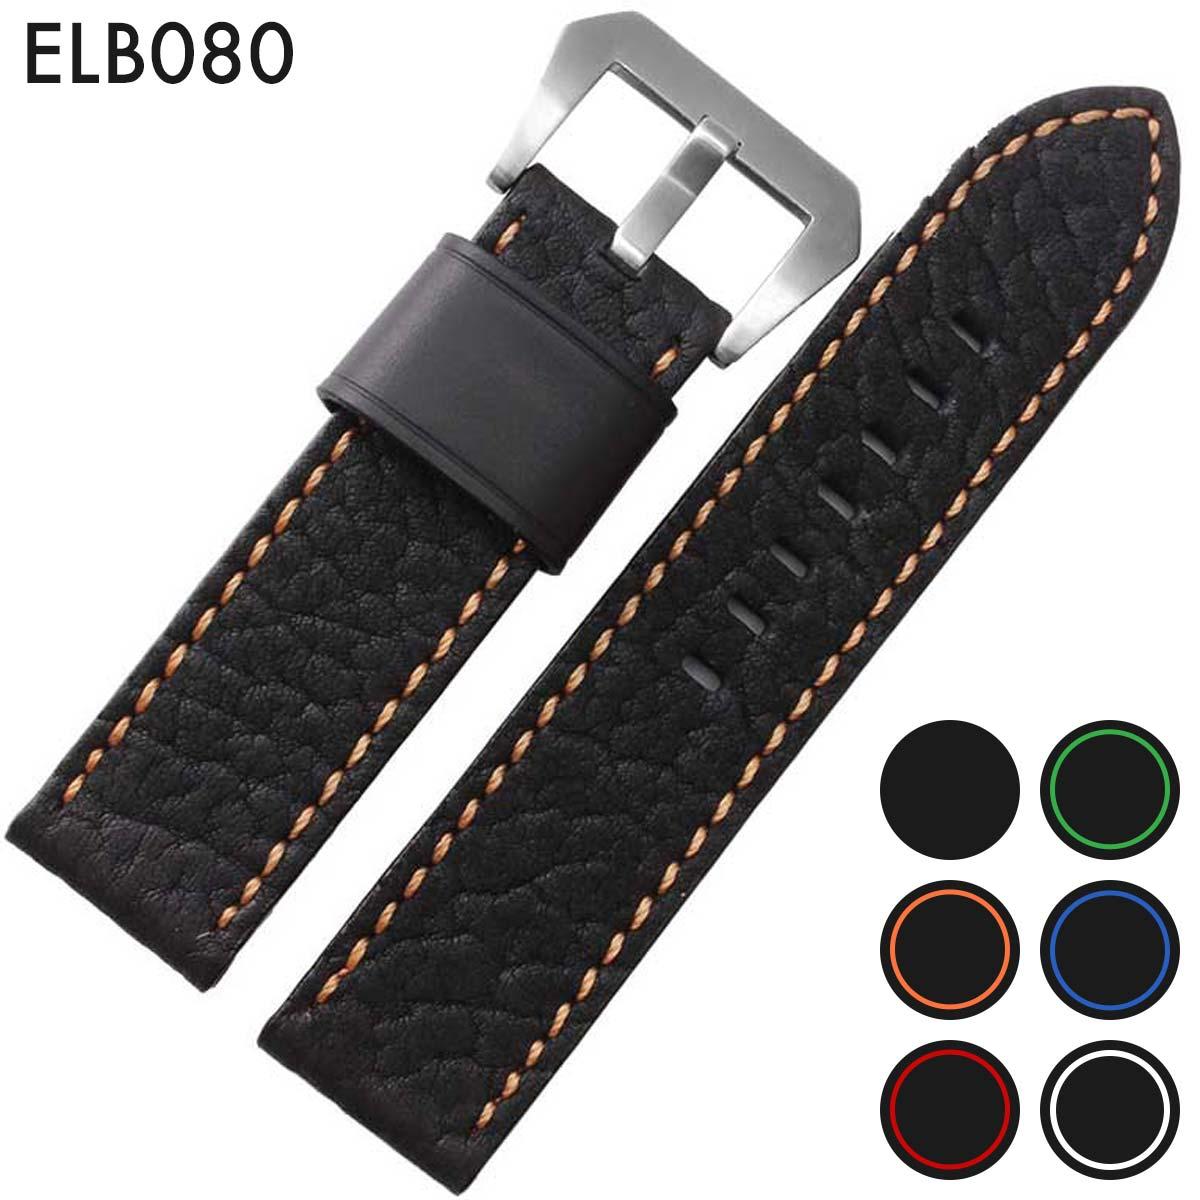 腕時計ベルト 腕時計バンド 革ベルト 取り付け幅20/22/24 適用タイプ: IWC [ Eight - ELB080 ]